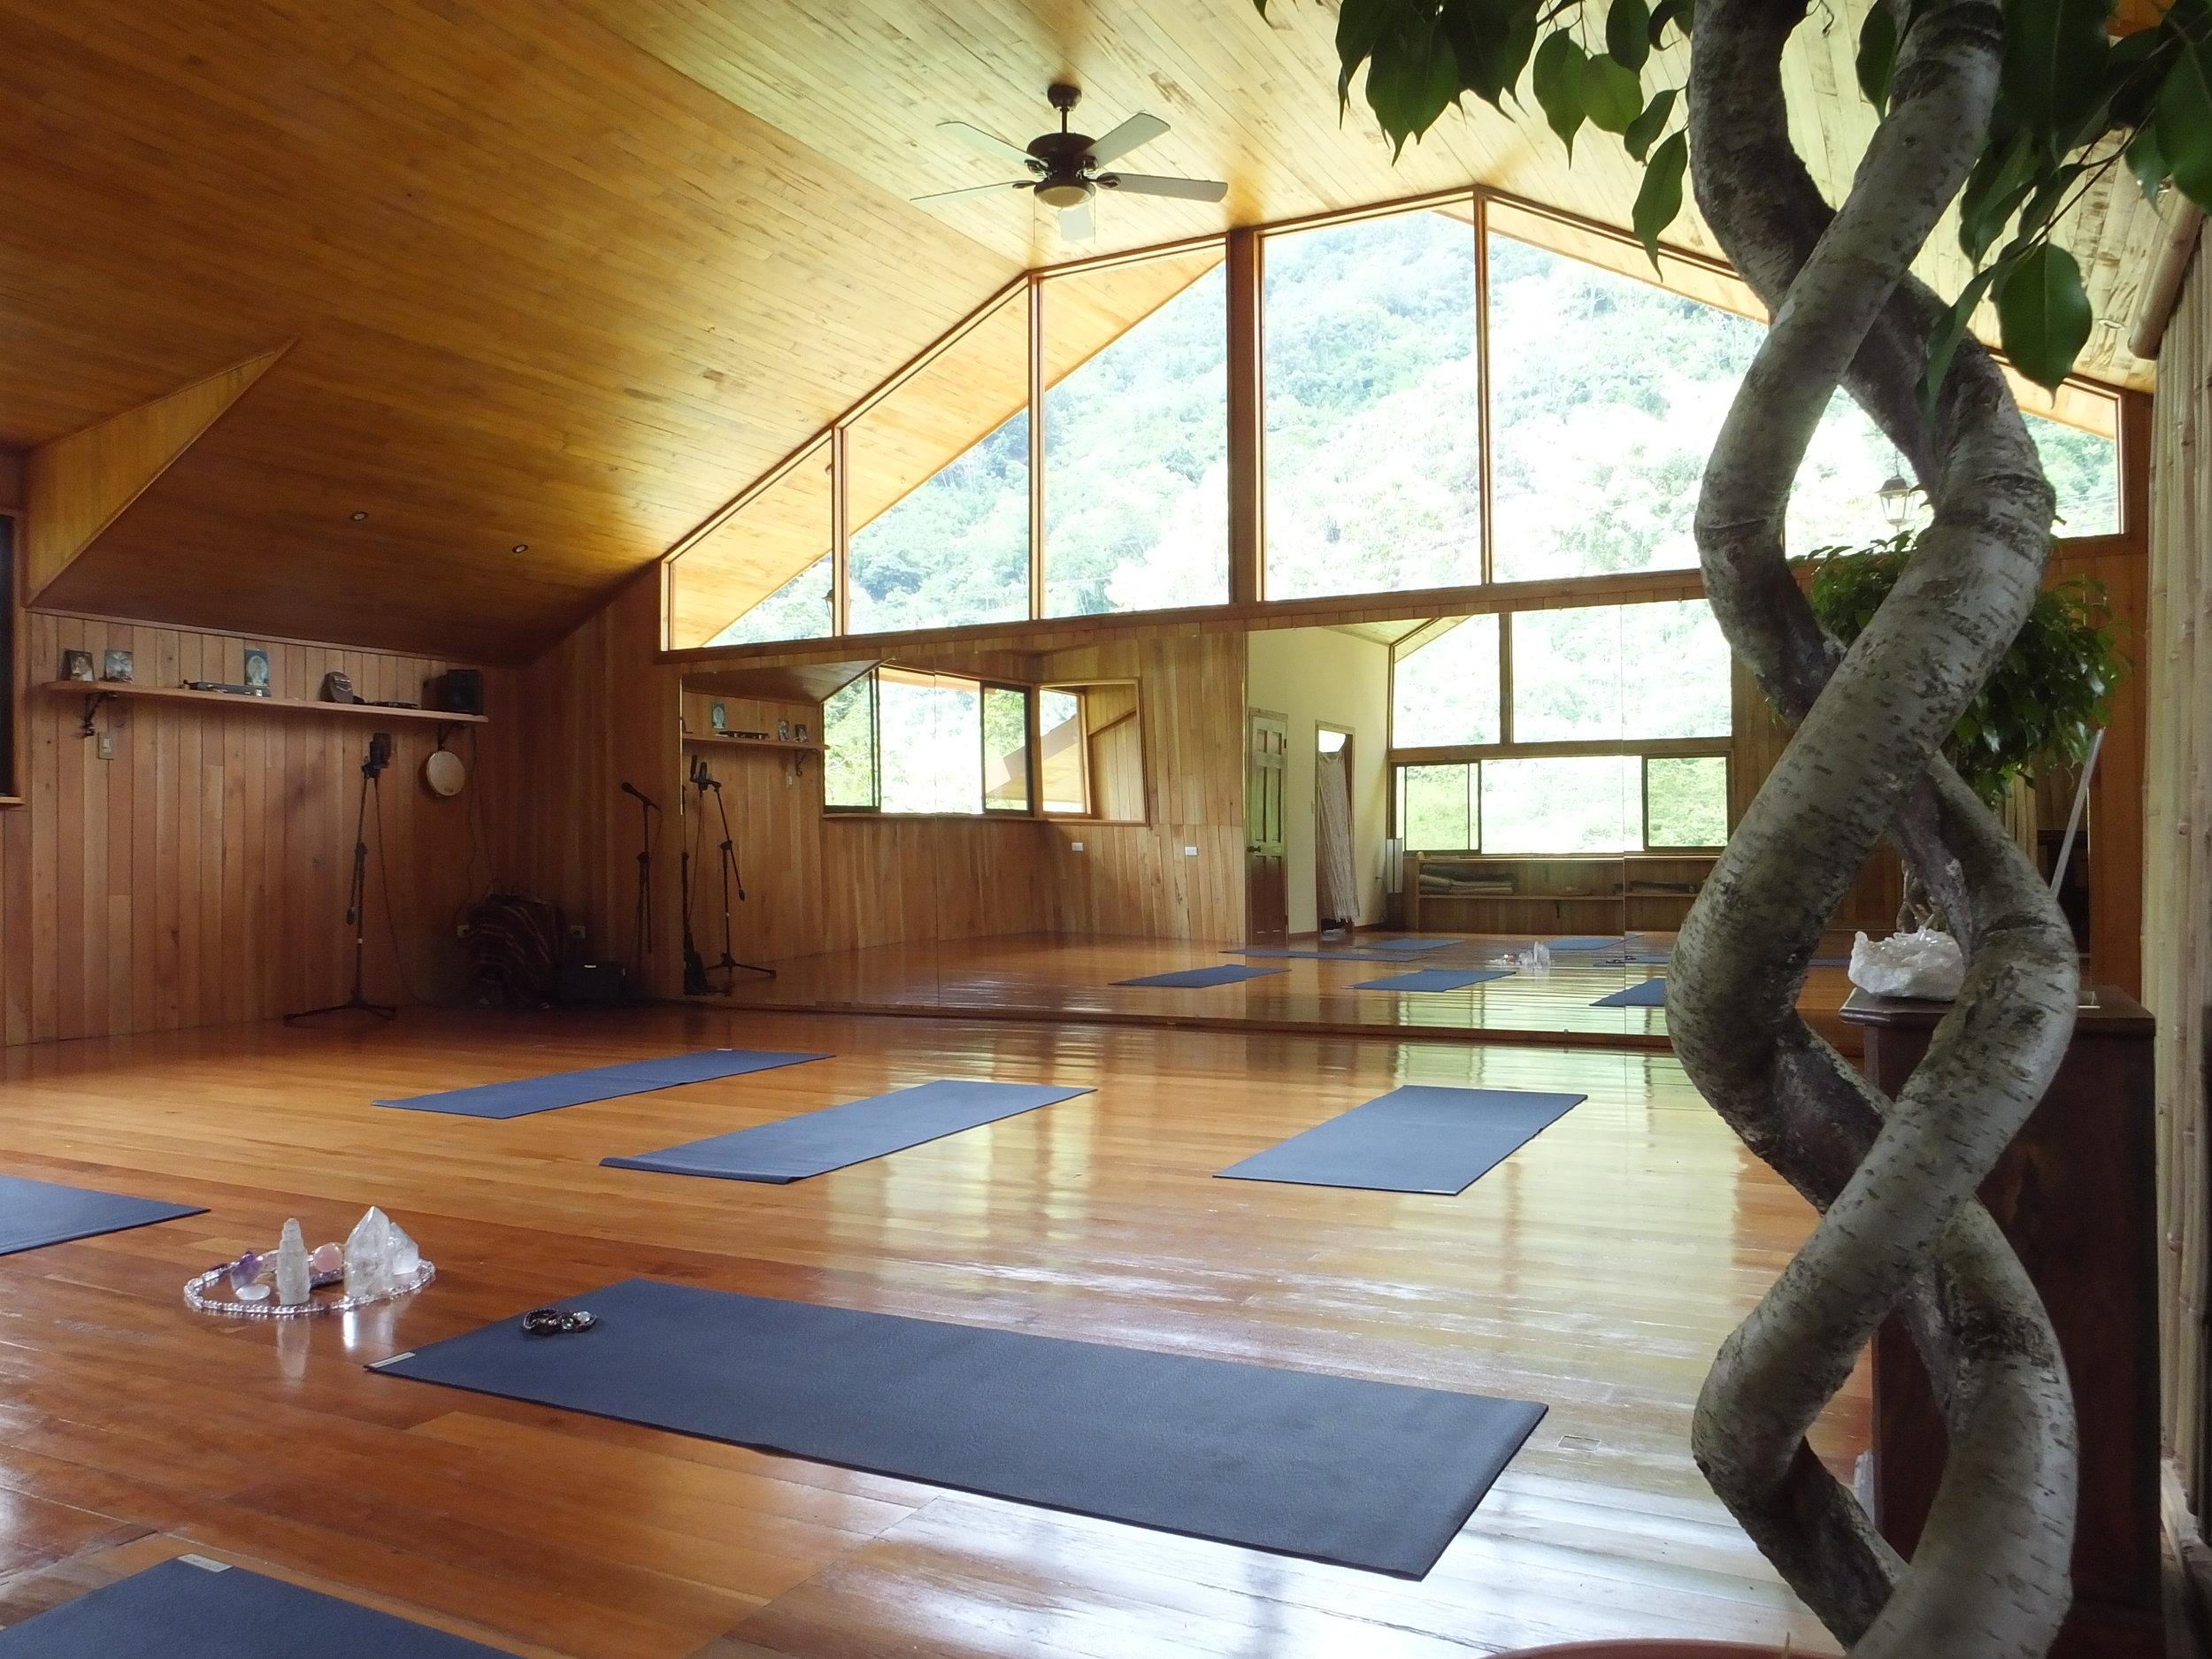 The Yoga Studio - Private Retreats, Yoga, Sound Medicine and Dance classes